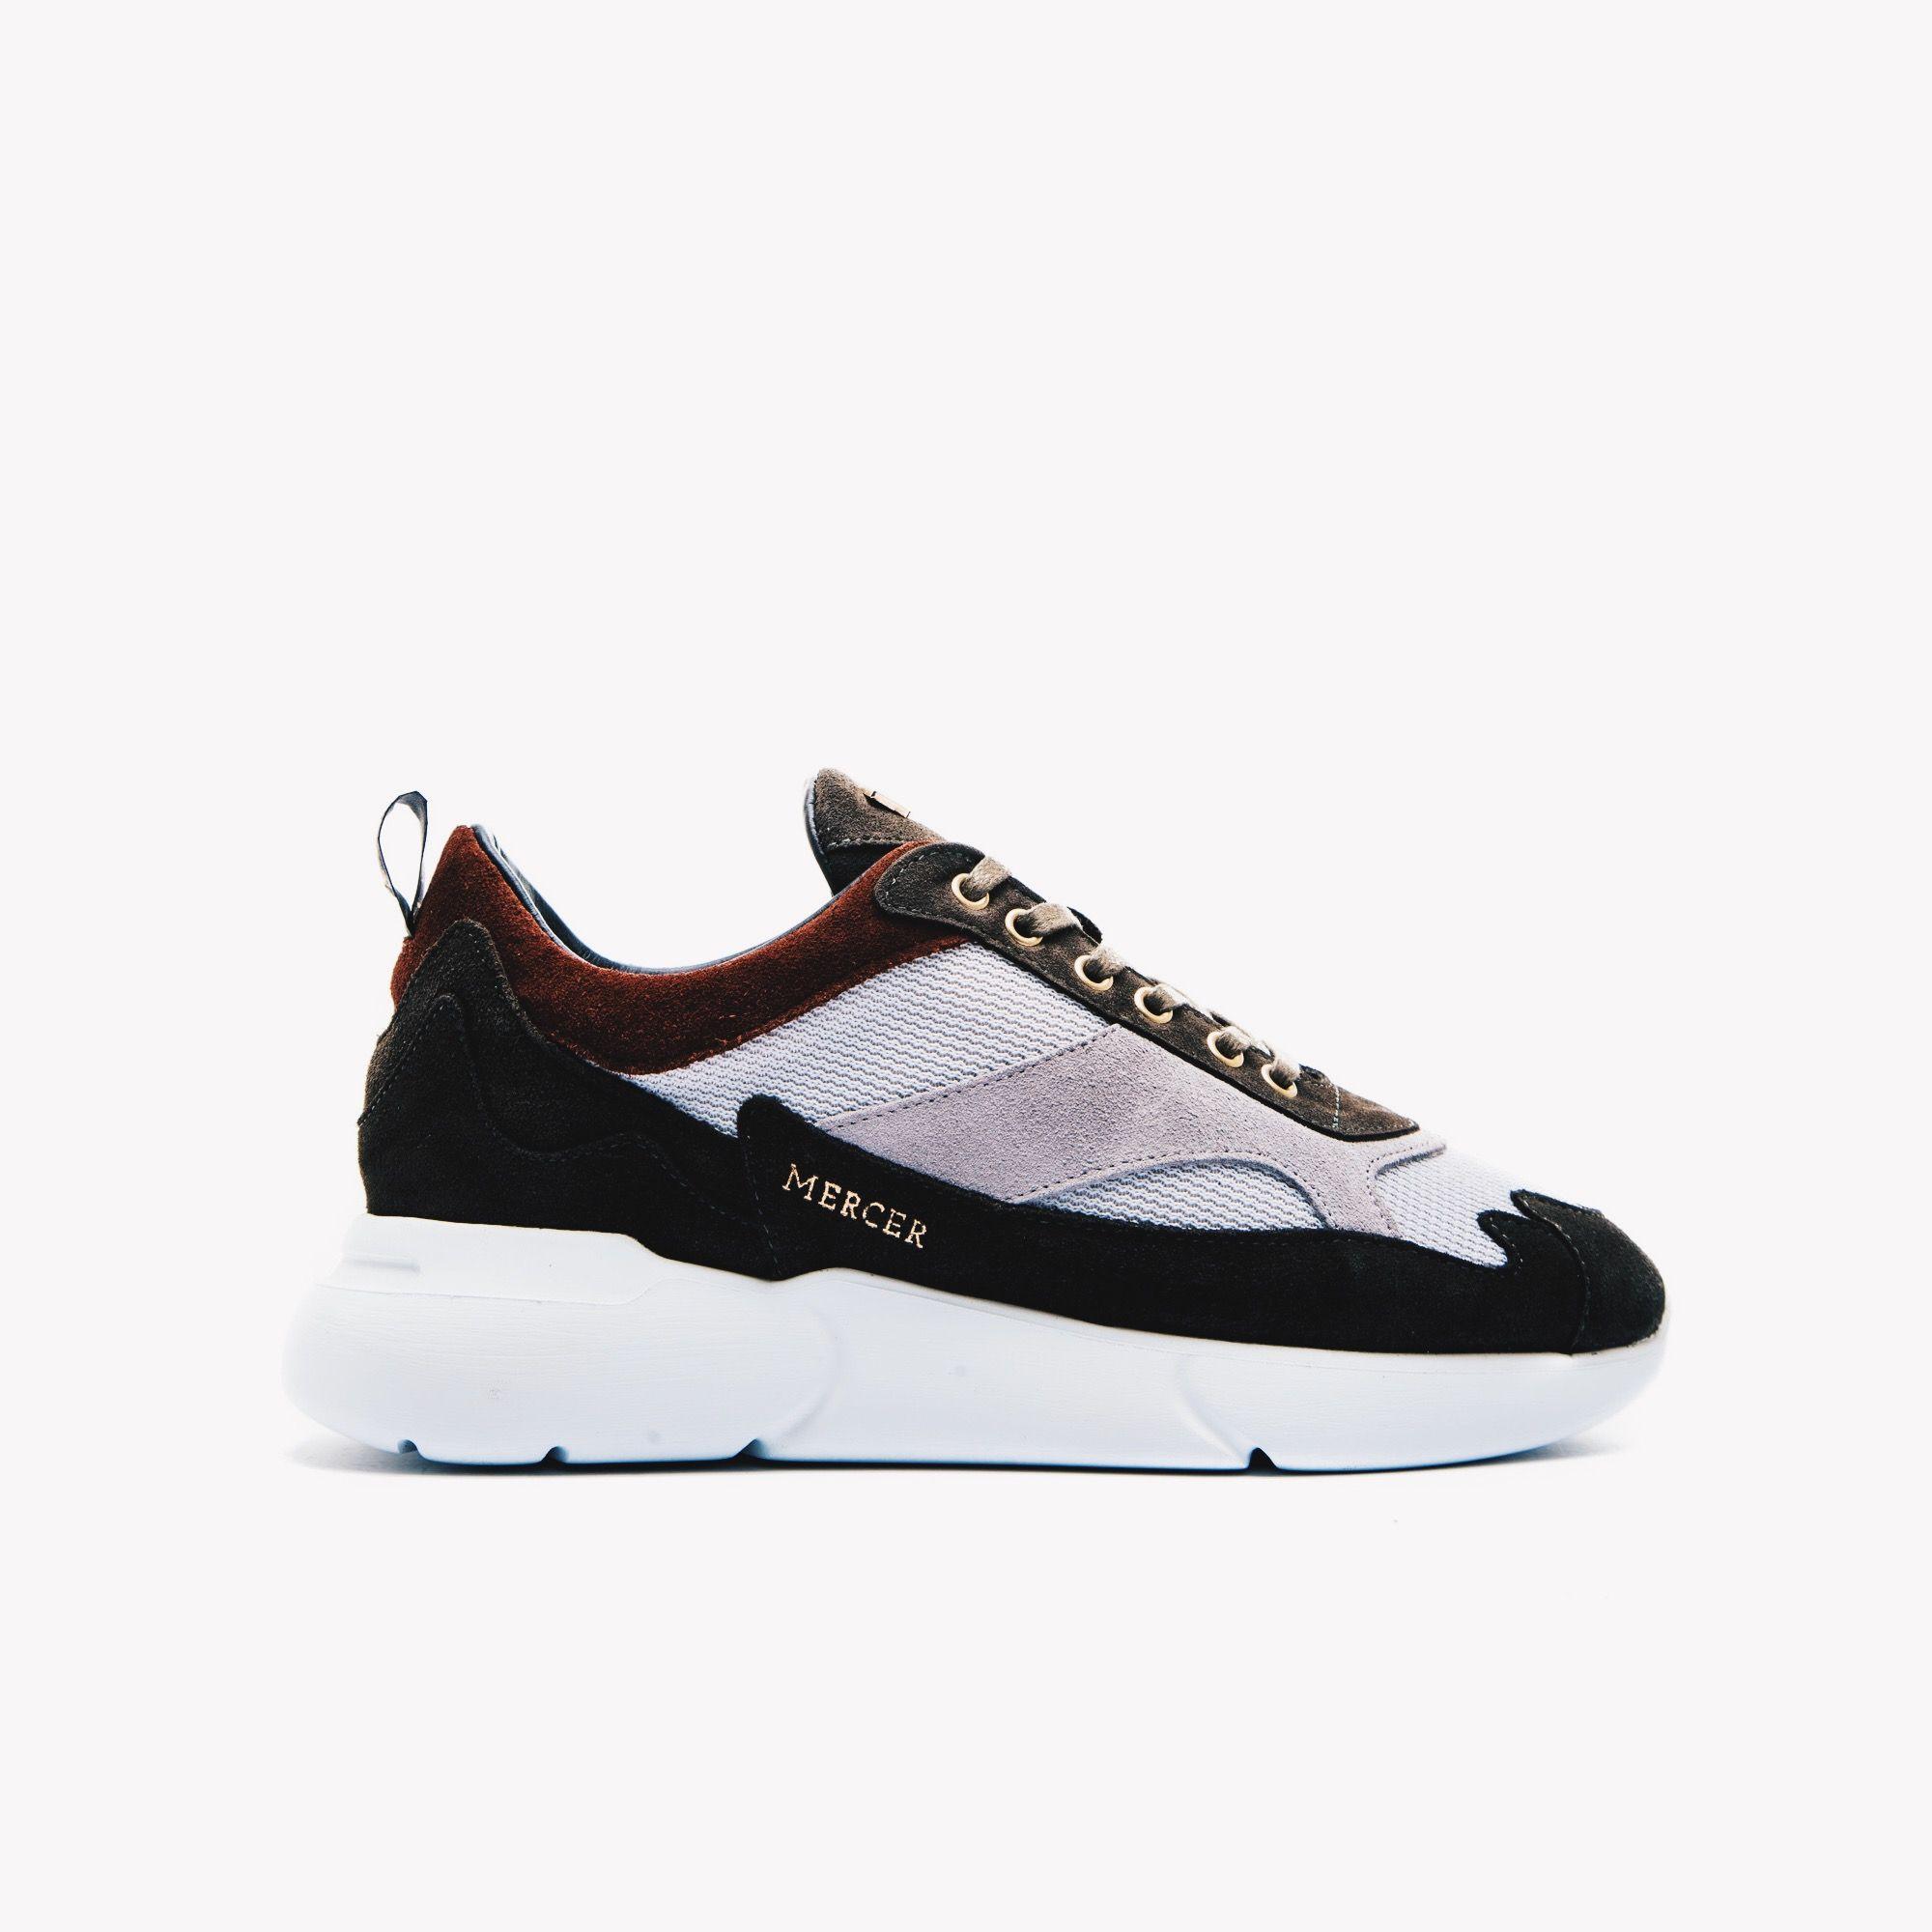 Mercier Sneaker W3rd A Rencontré Les Détails Suã¨de UATWsqtl